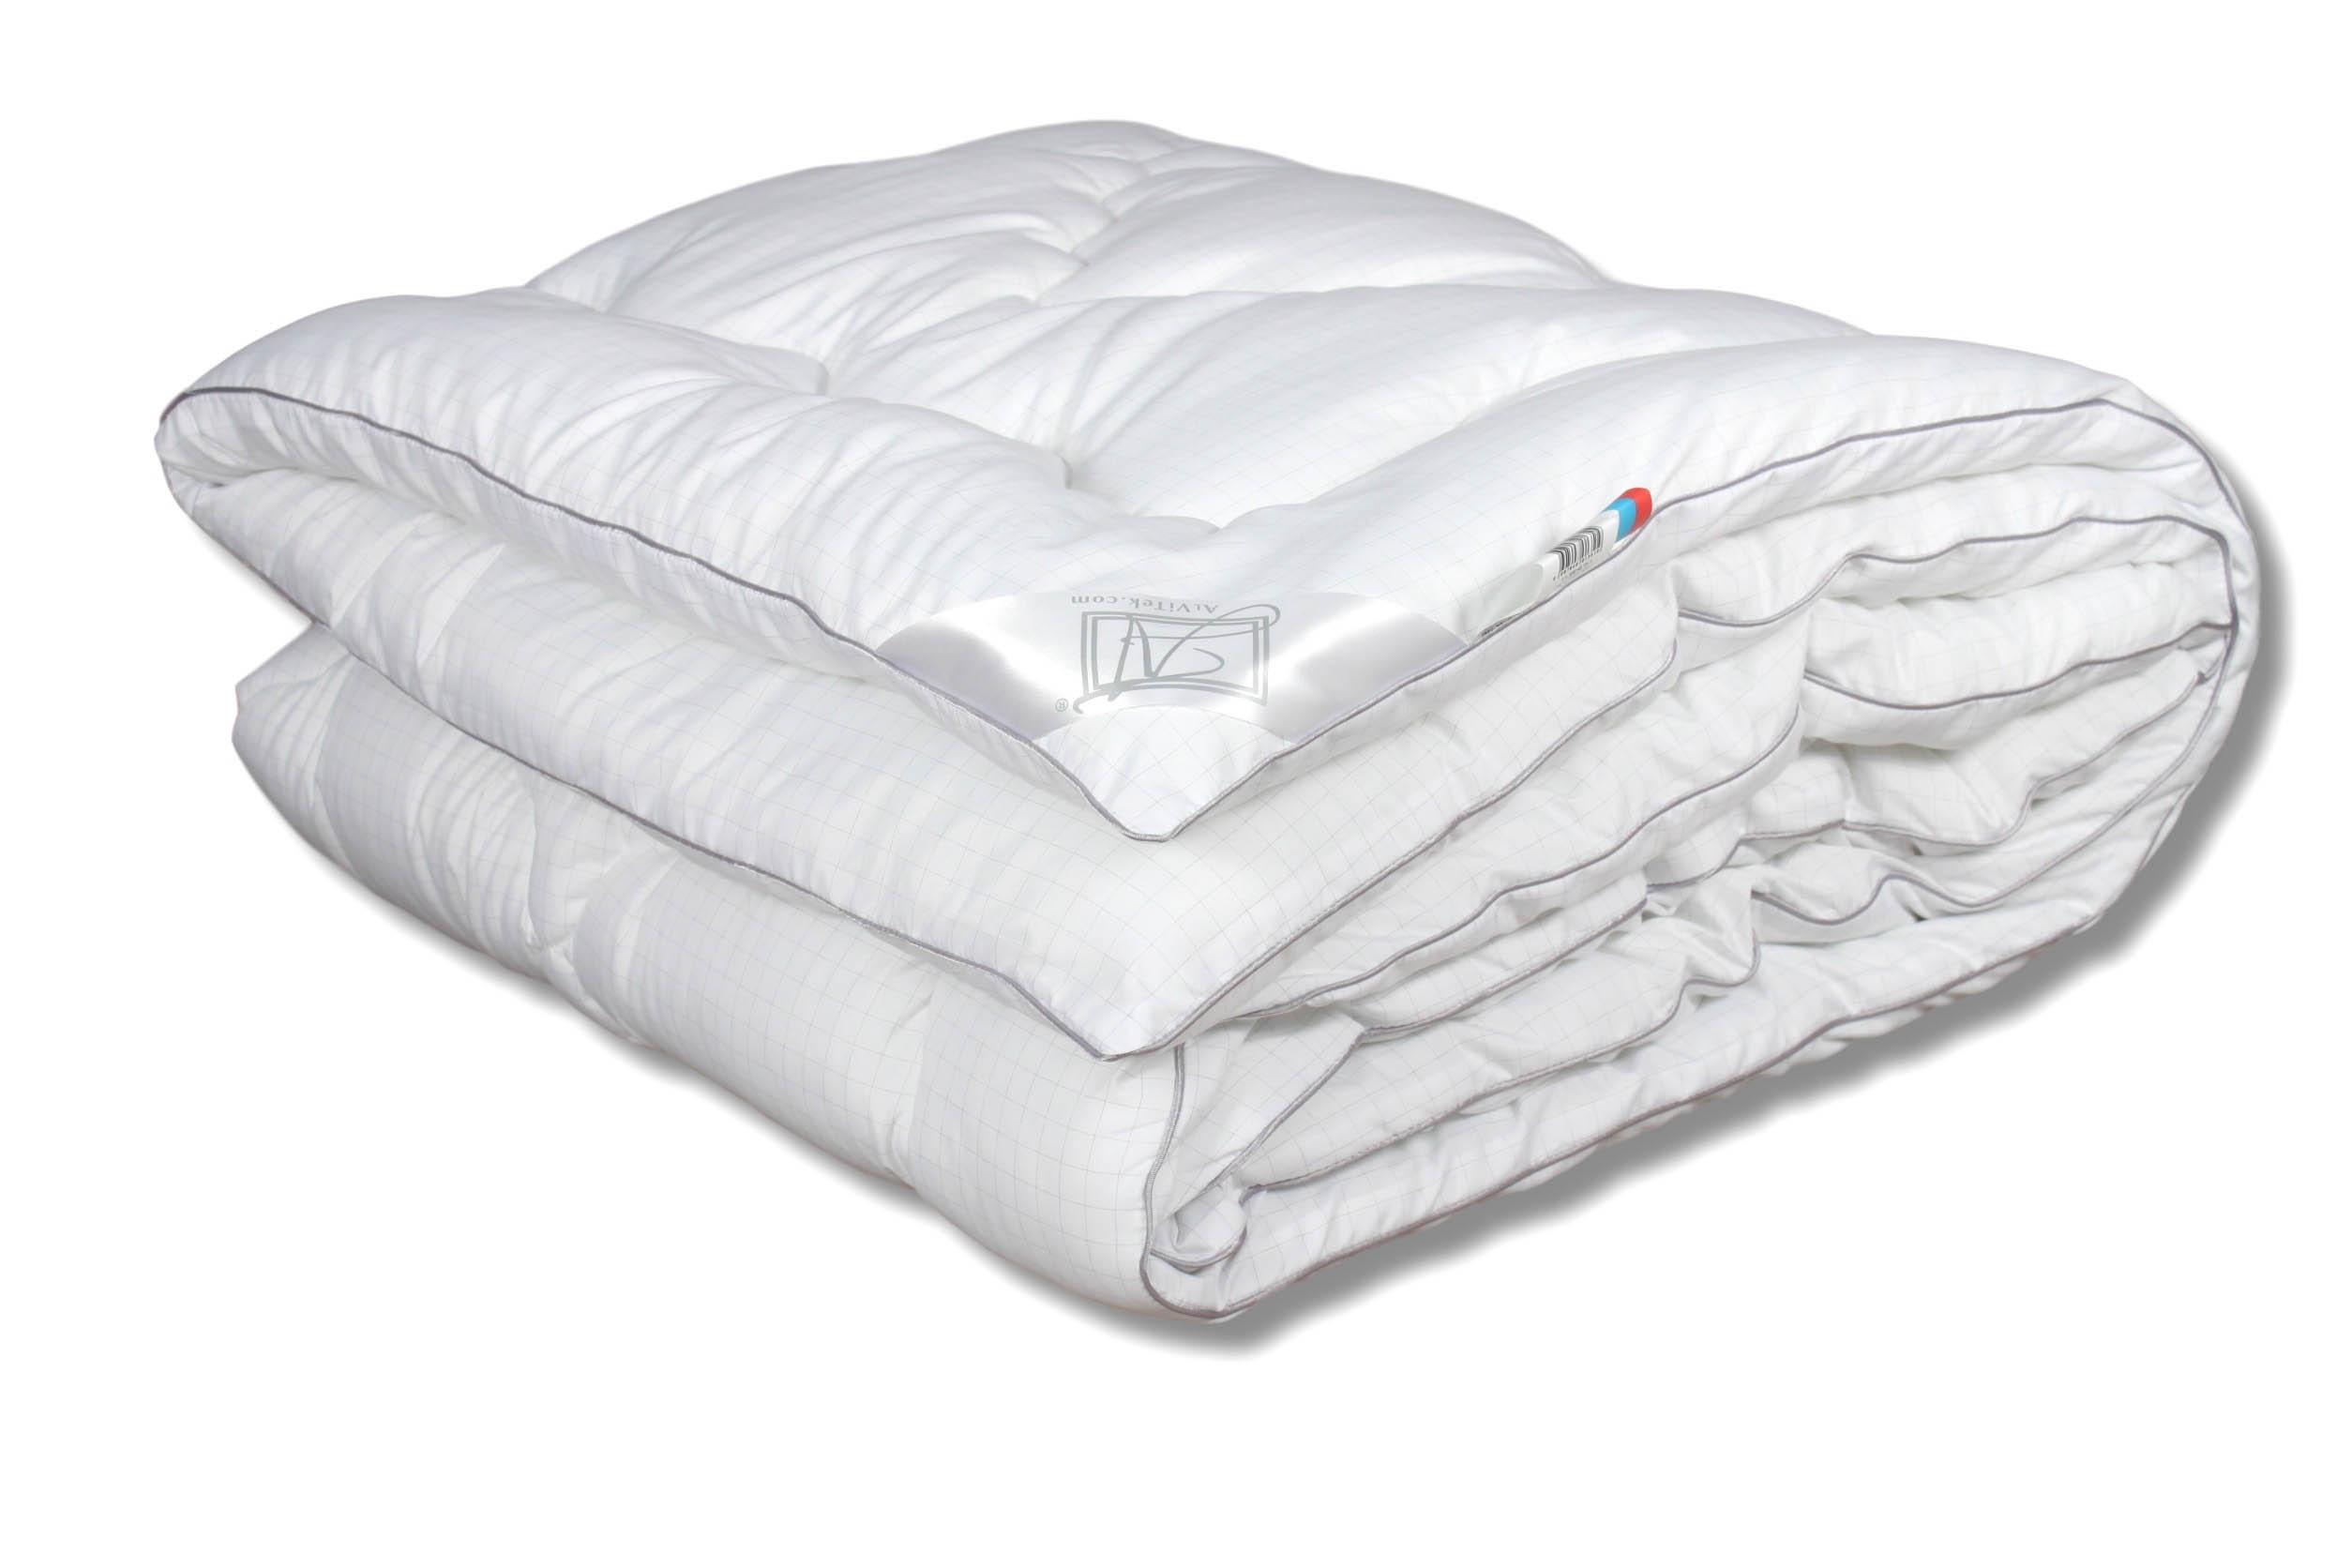 Одеяла AlViTek Одеяло Карбон Всесезонное (172х205 см) одеяла alvitek одеяло карбон всесезонное 172х205 см